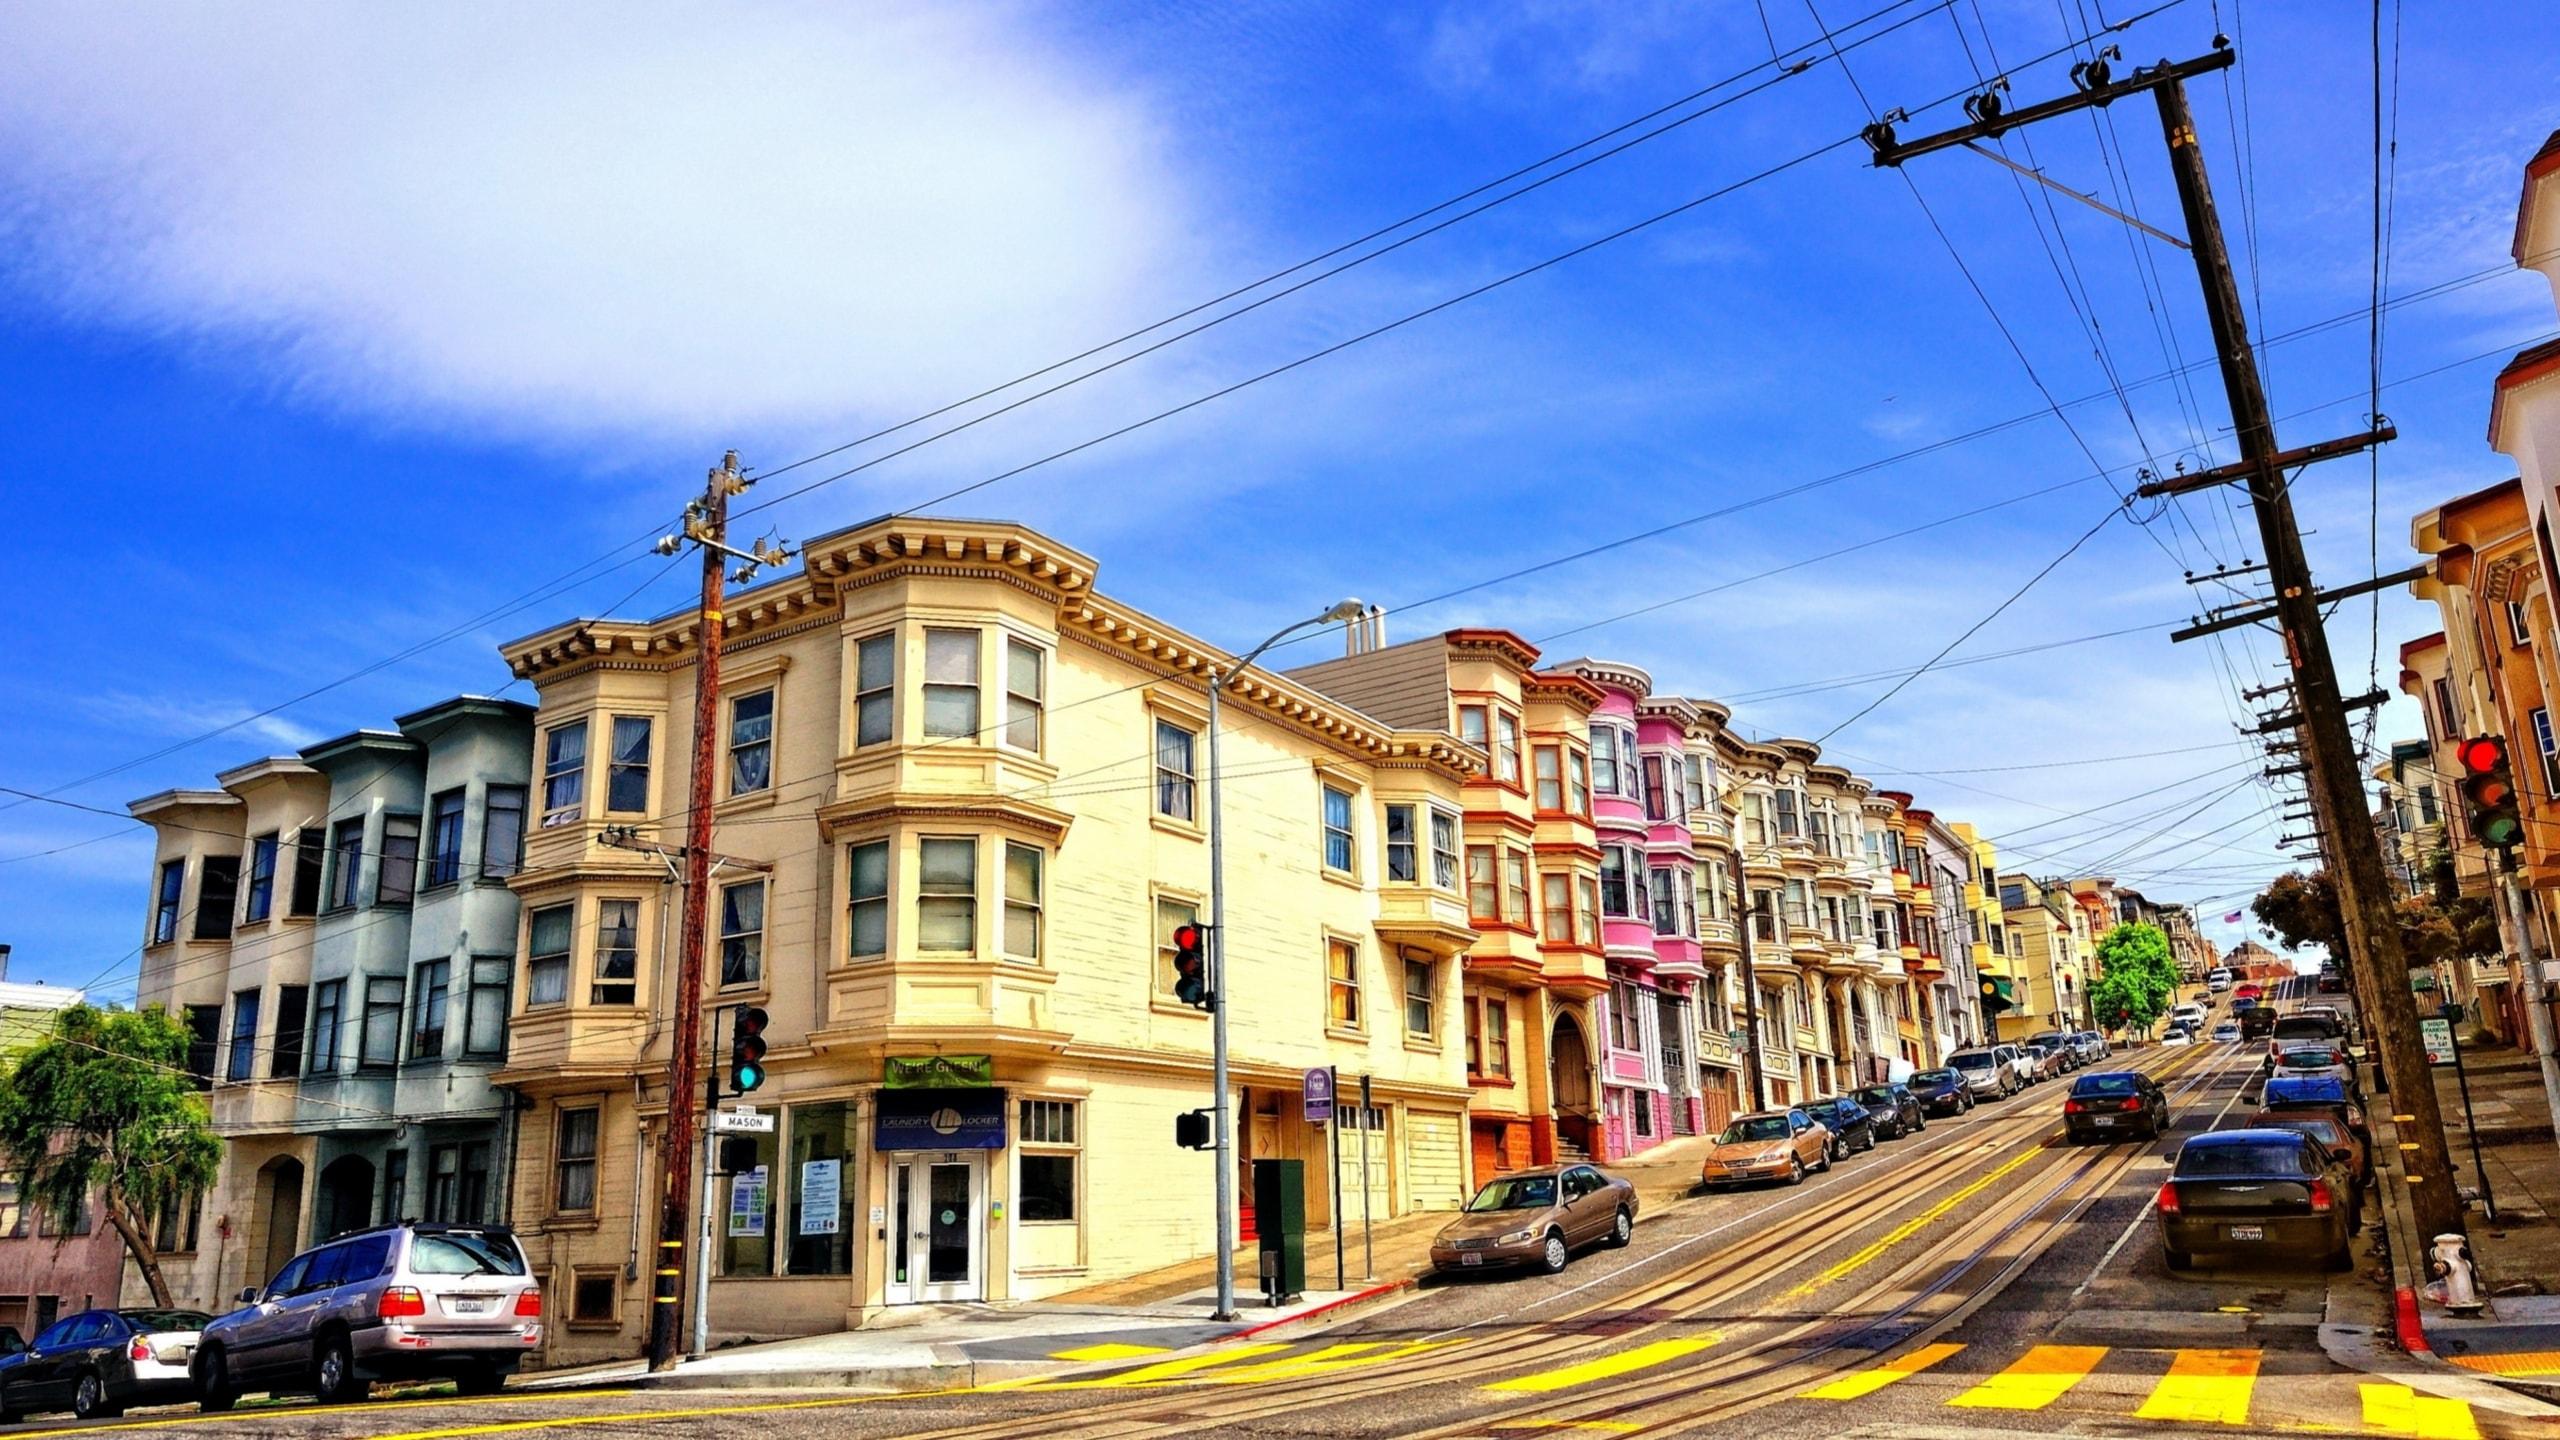 San Francisco free wallpaper